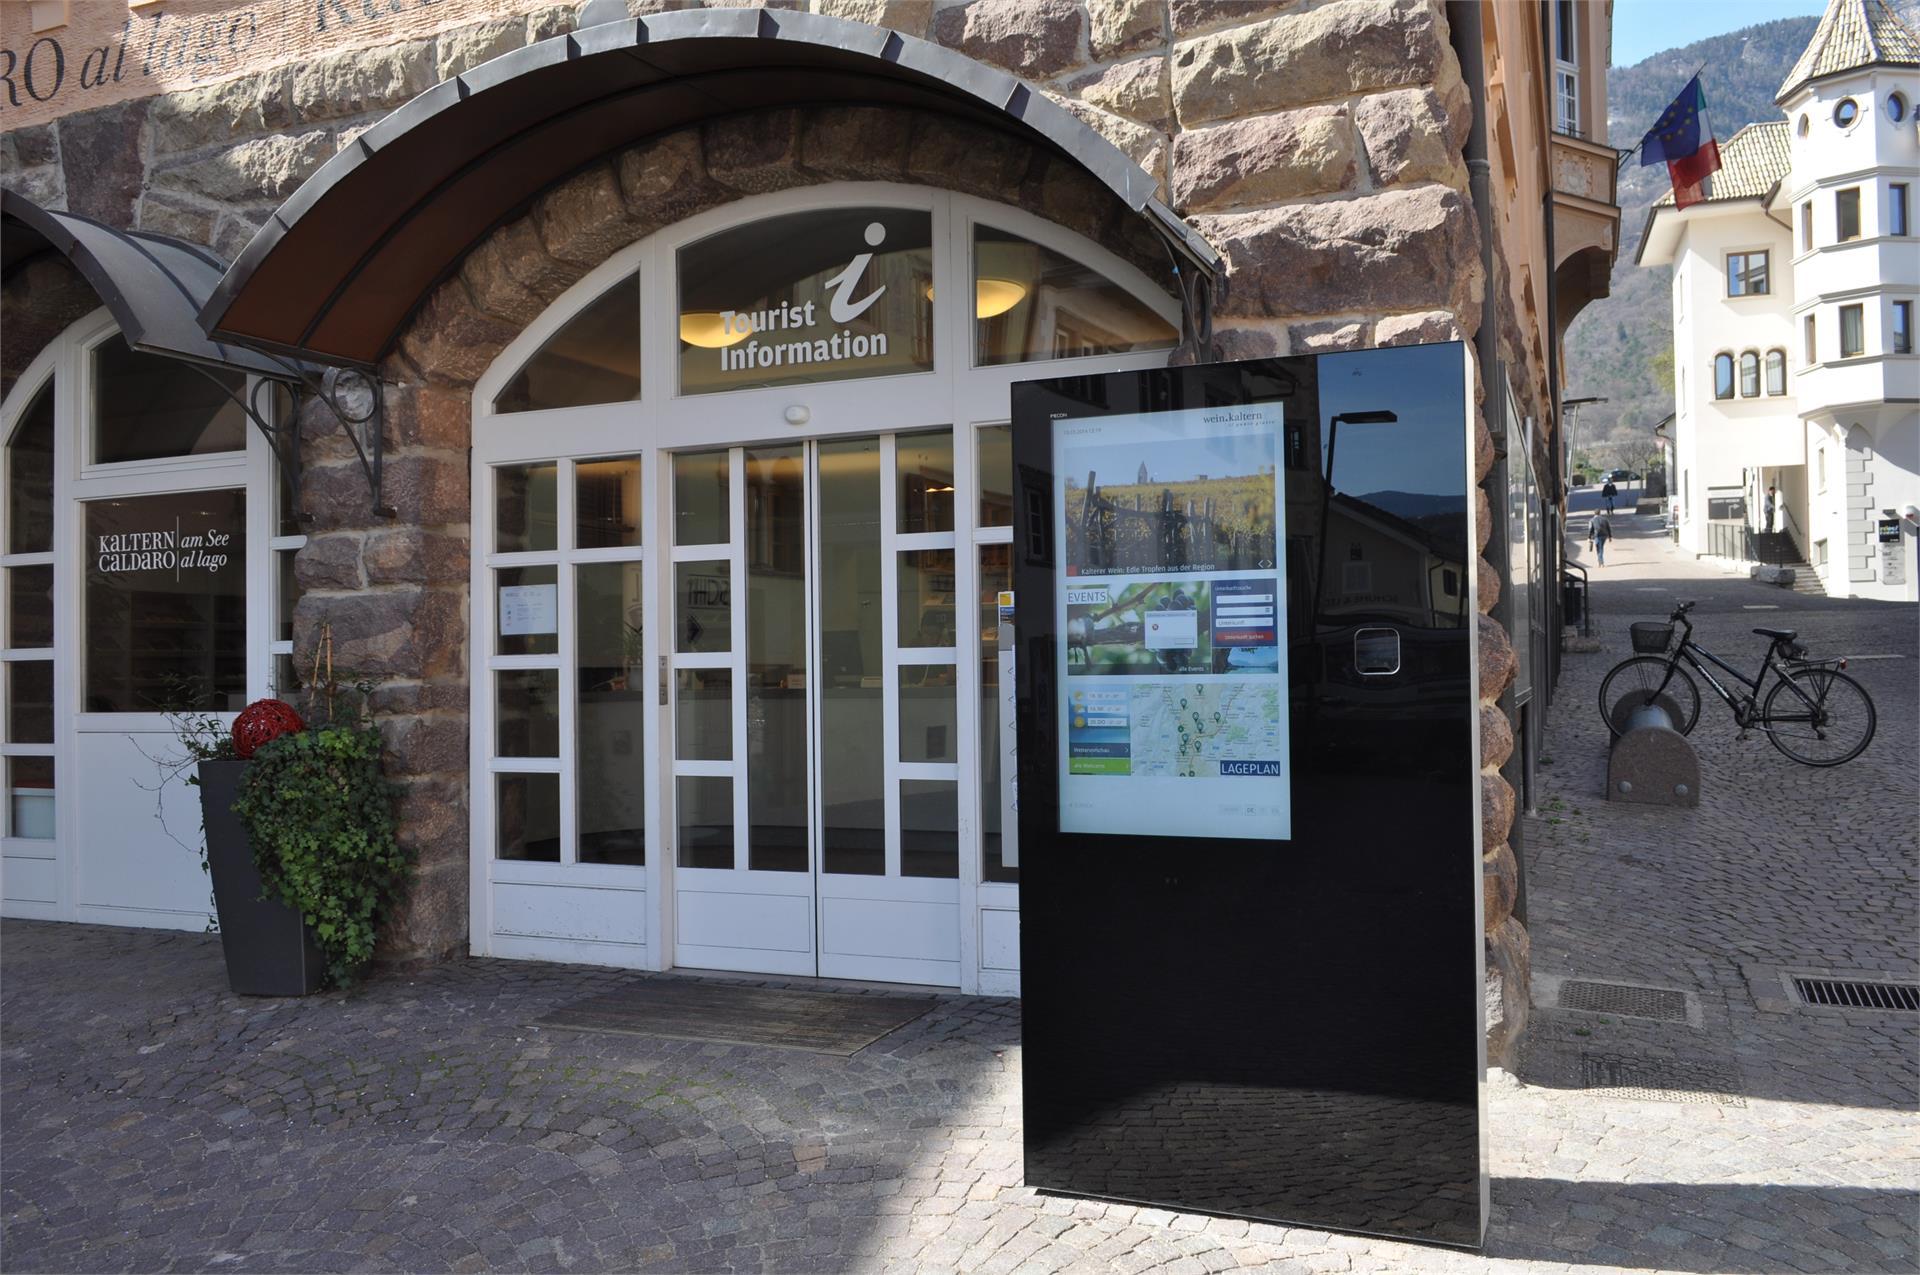 Tourismusverein Kaltern am See